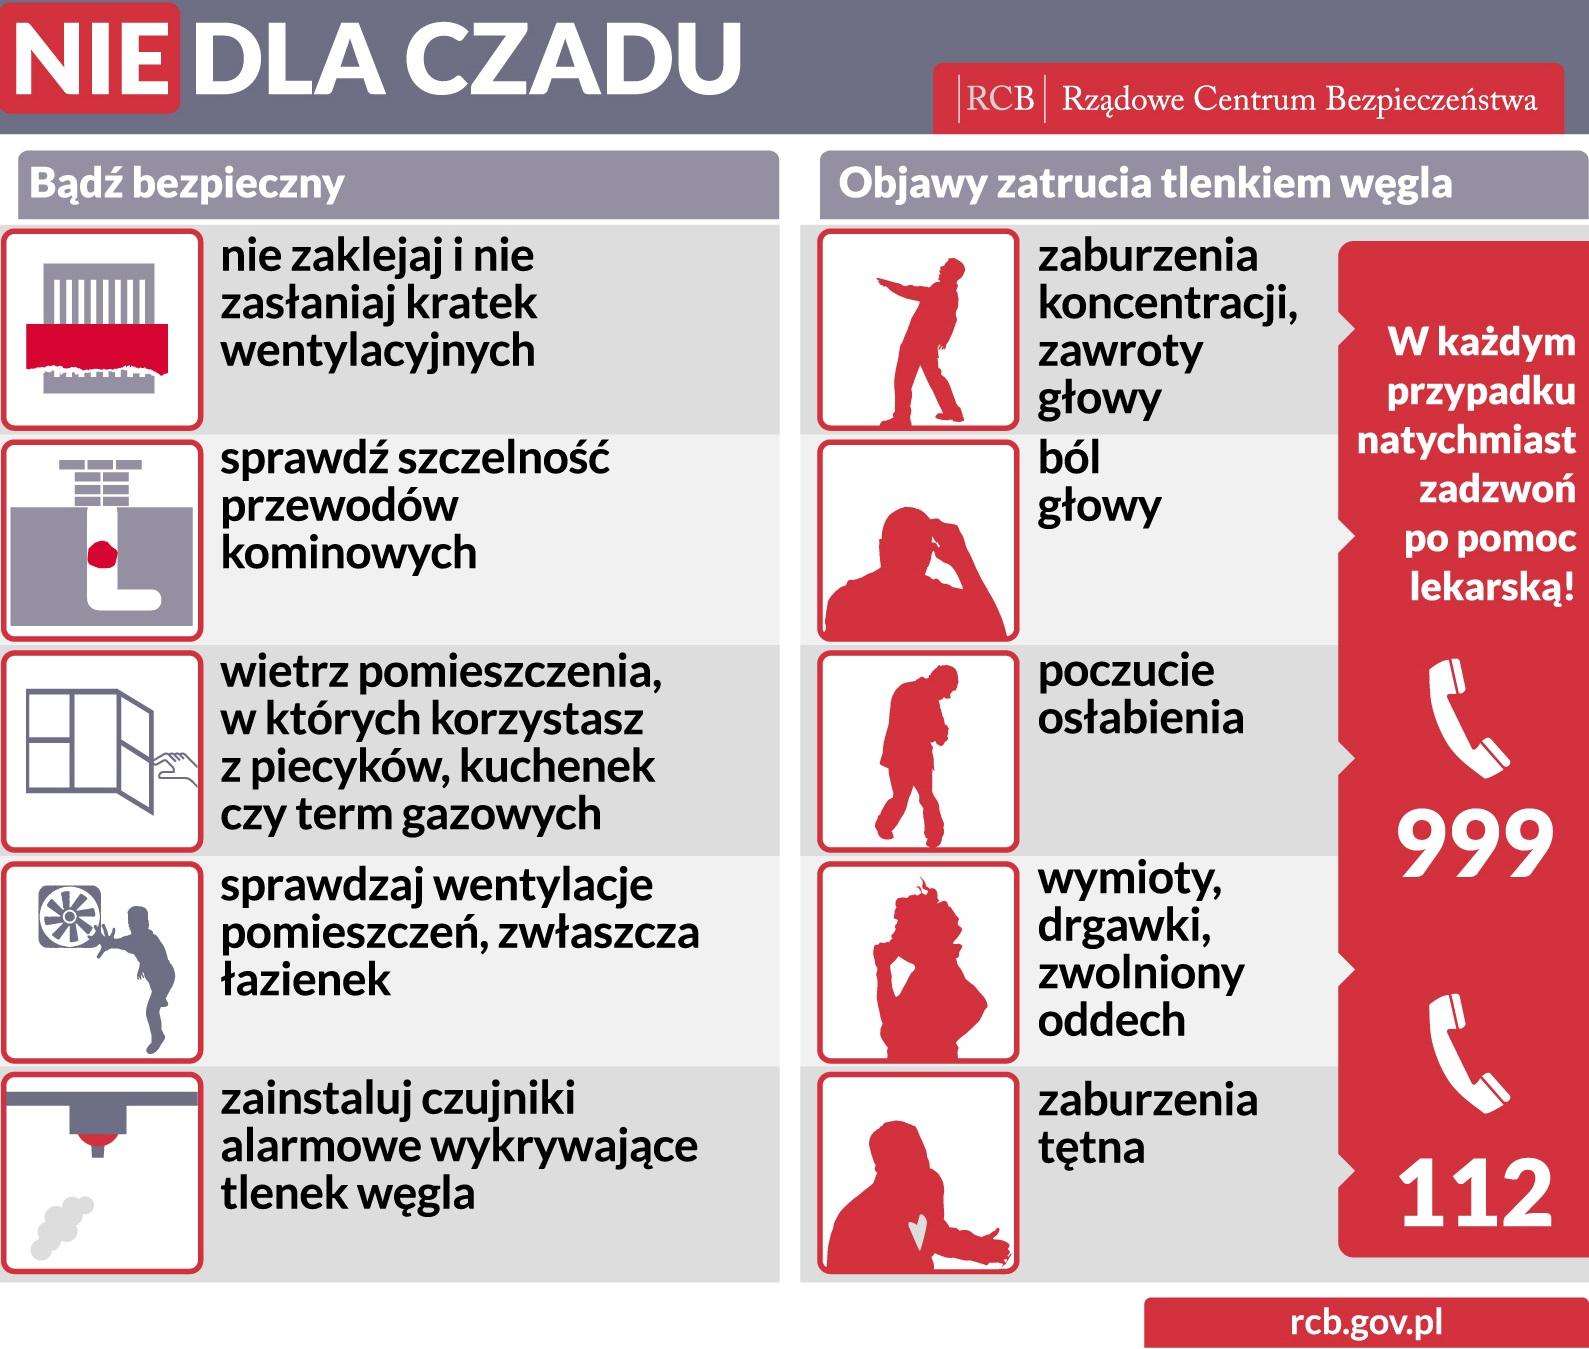 RCB_NIE_dla_czadu.jpeg